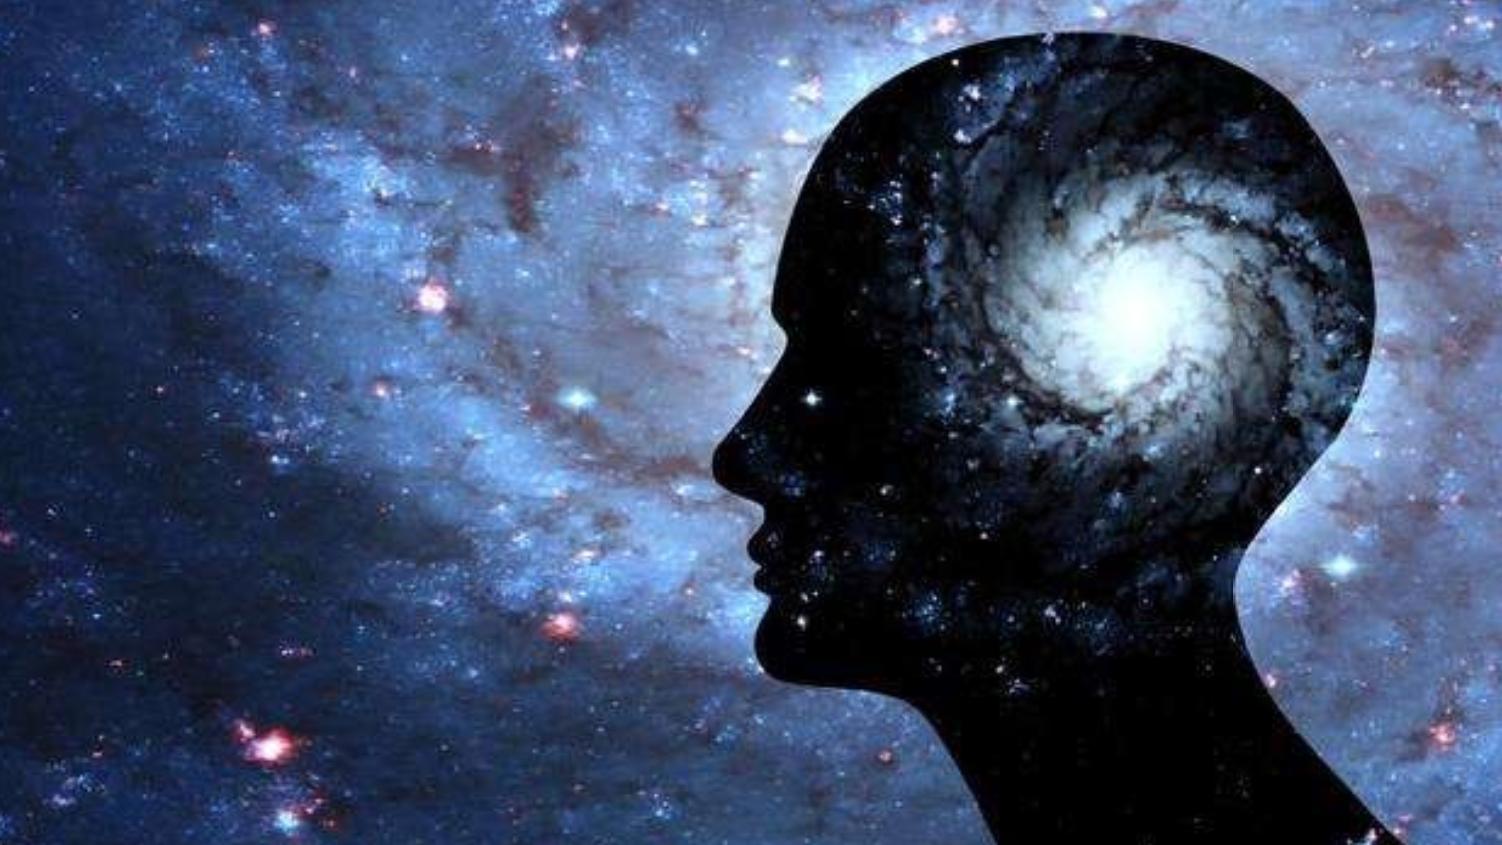 宇宙与意识的真实关系是什么样的?它们或许在亚原子水平上共存